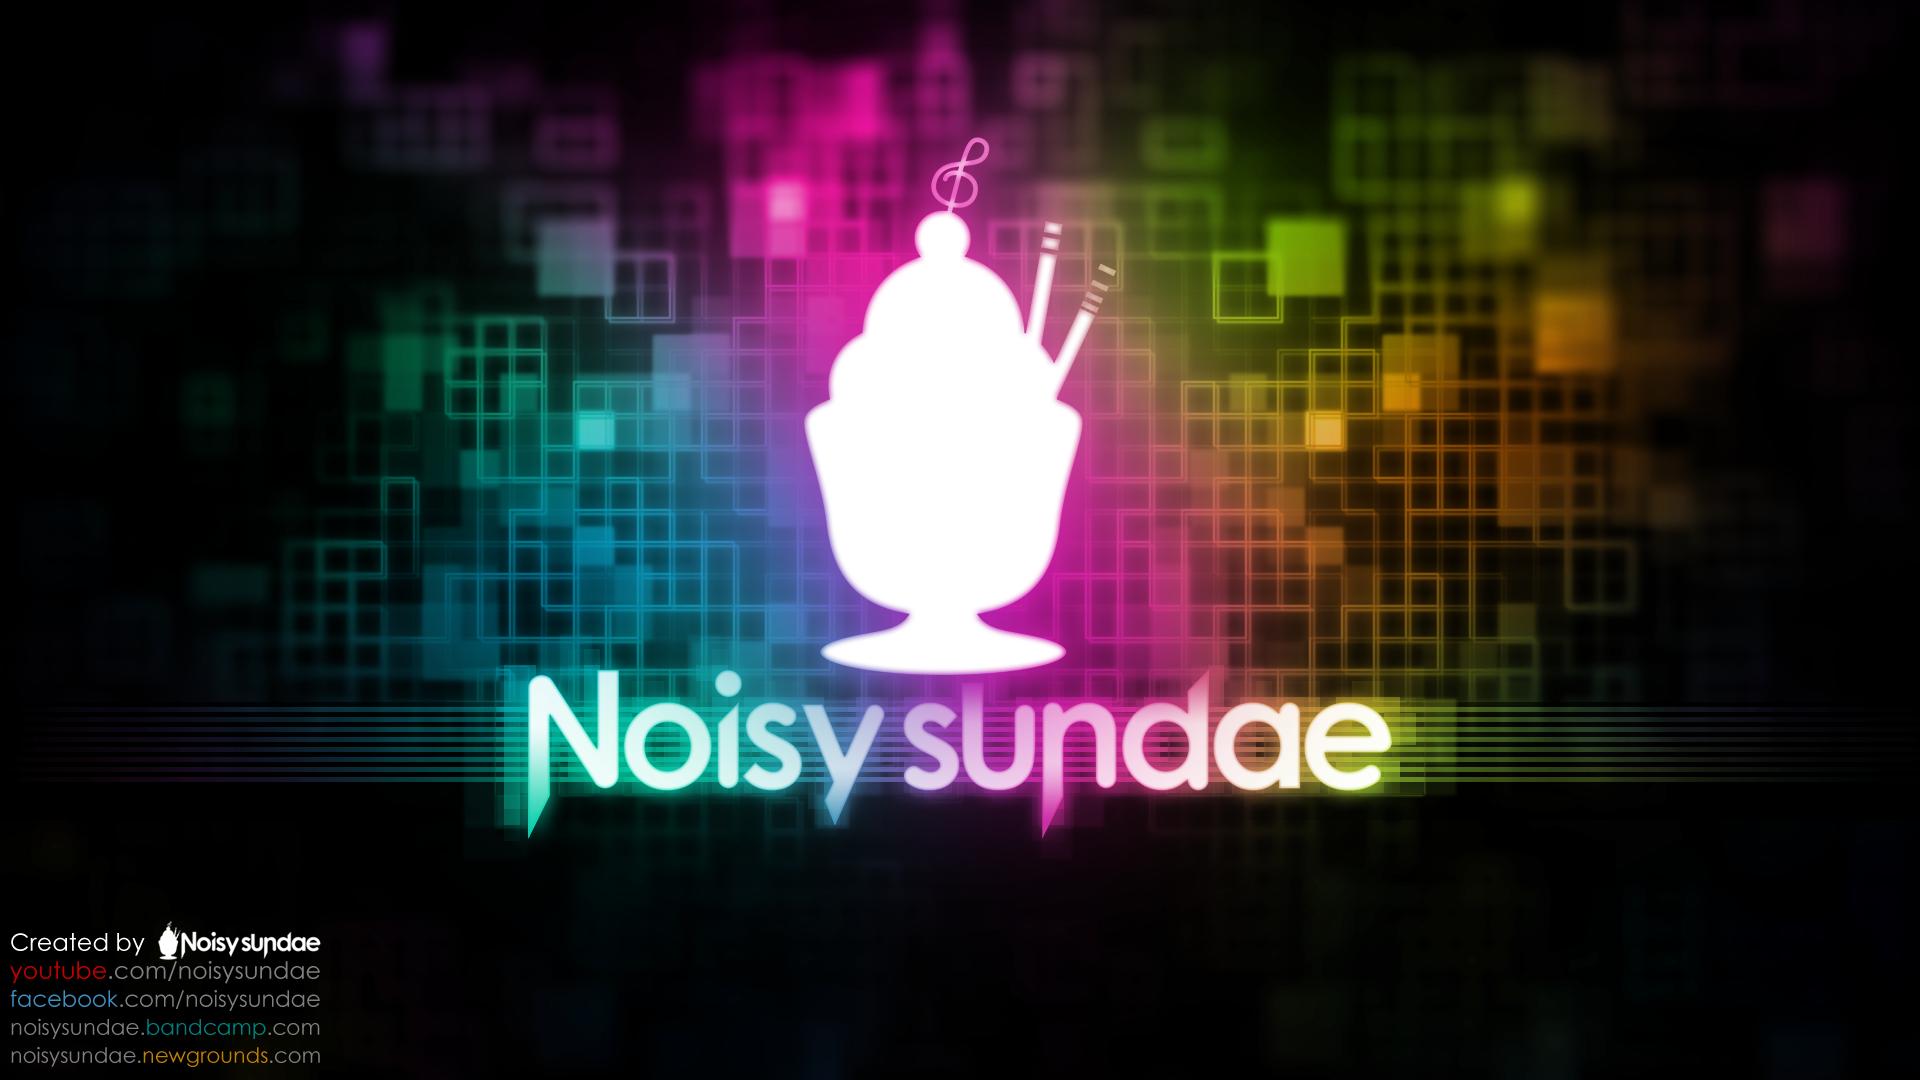 Noisysundae wallpaper - default